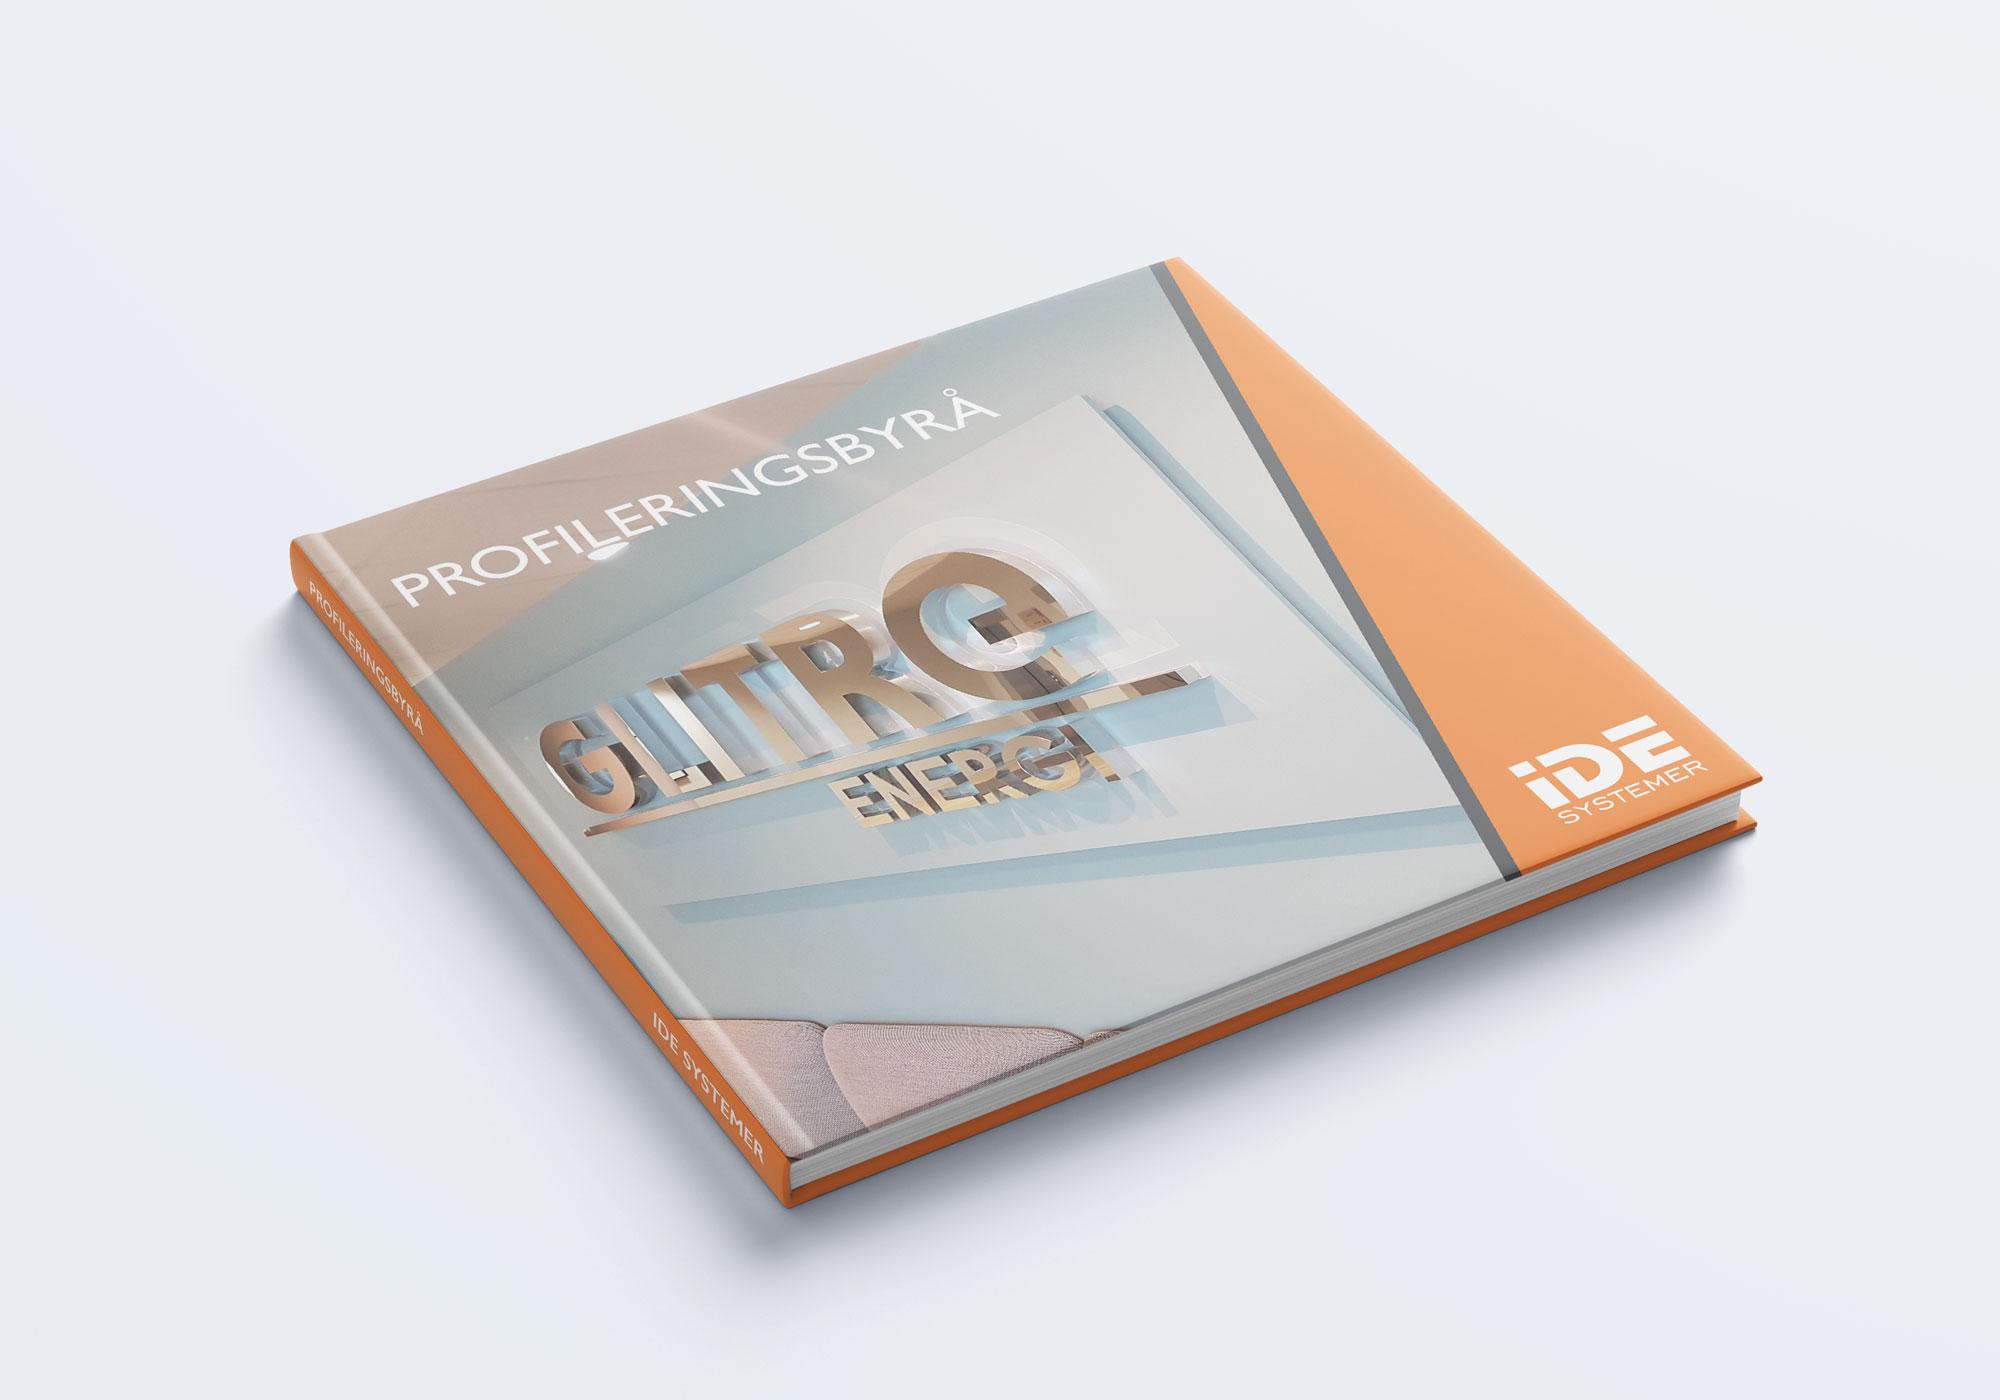 Katalog Produkter IDE Systemer Brosjyre